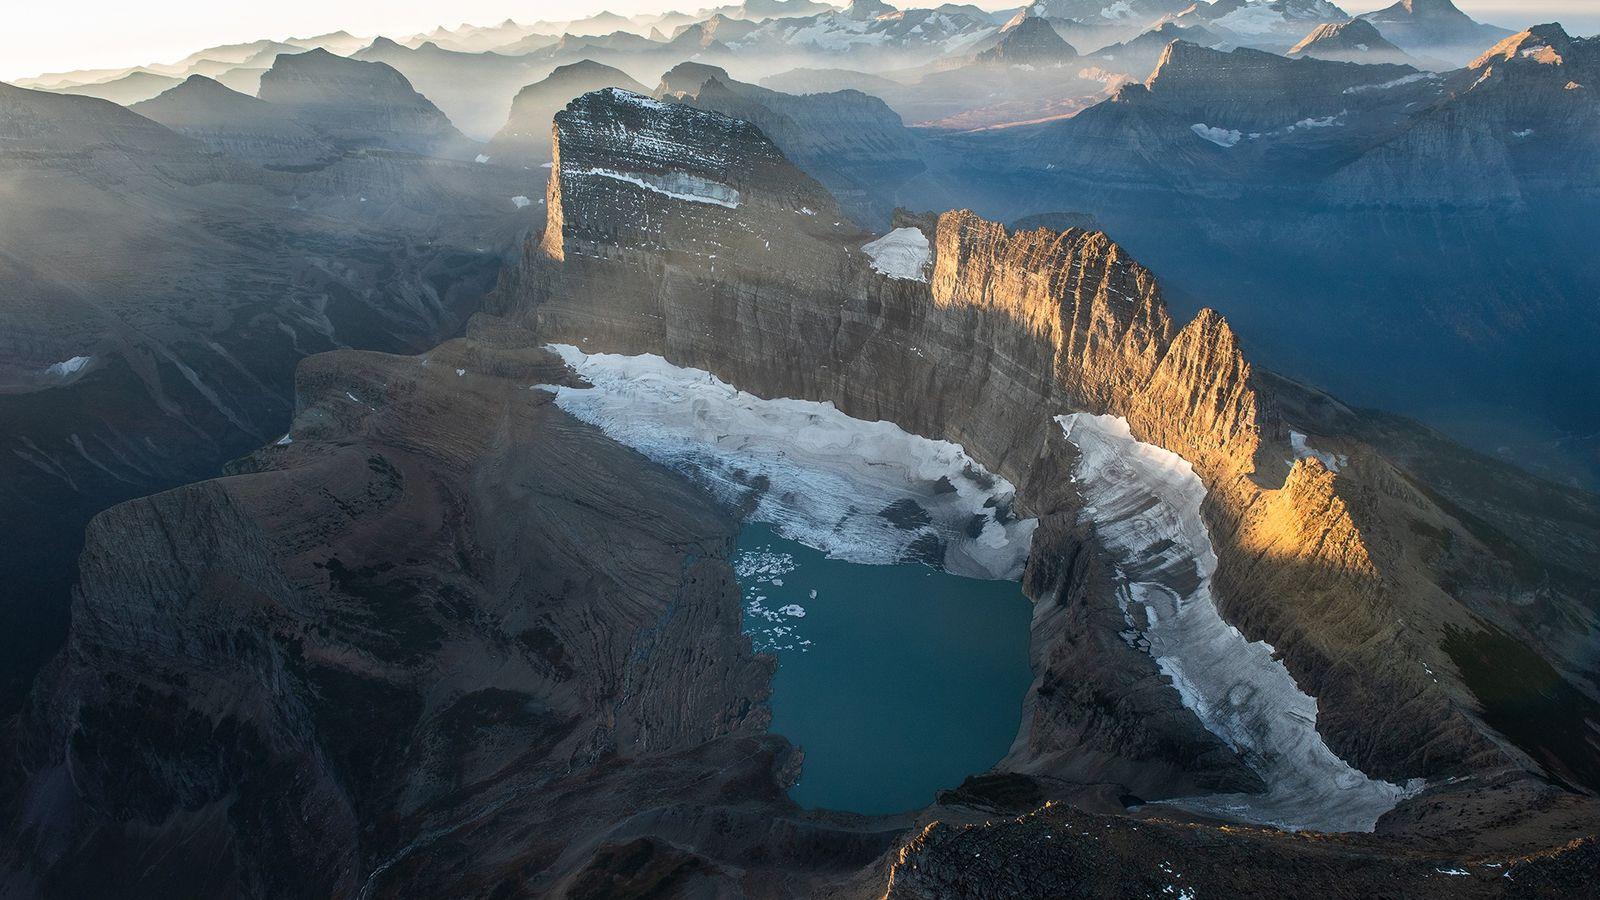 Einige der kleinsten Gletscher des Glacier-Nationalparks könnten in den nächsten 10 bis 20 Jahren verschwinden.